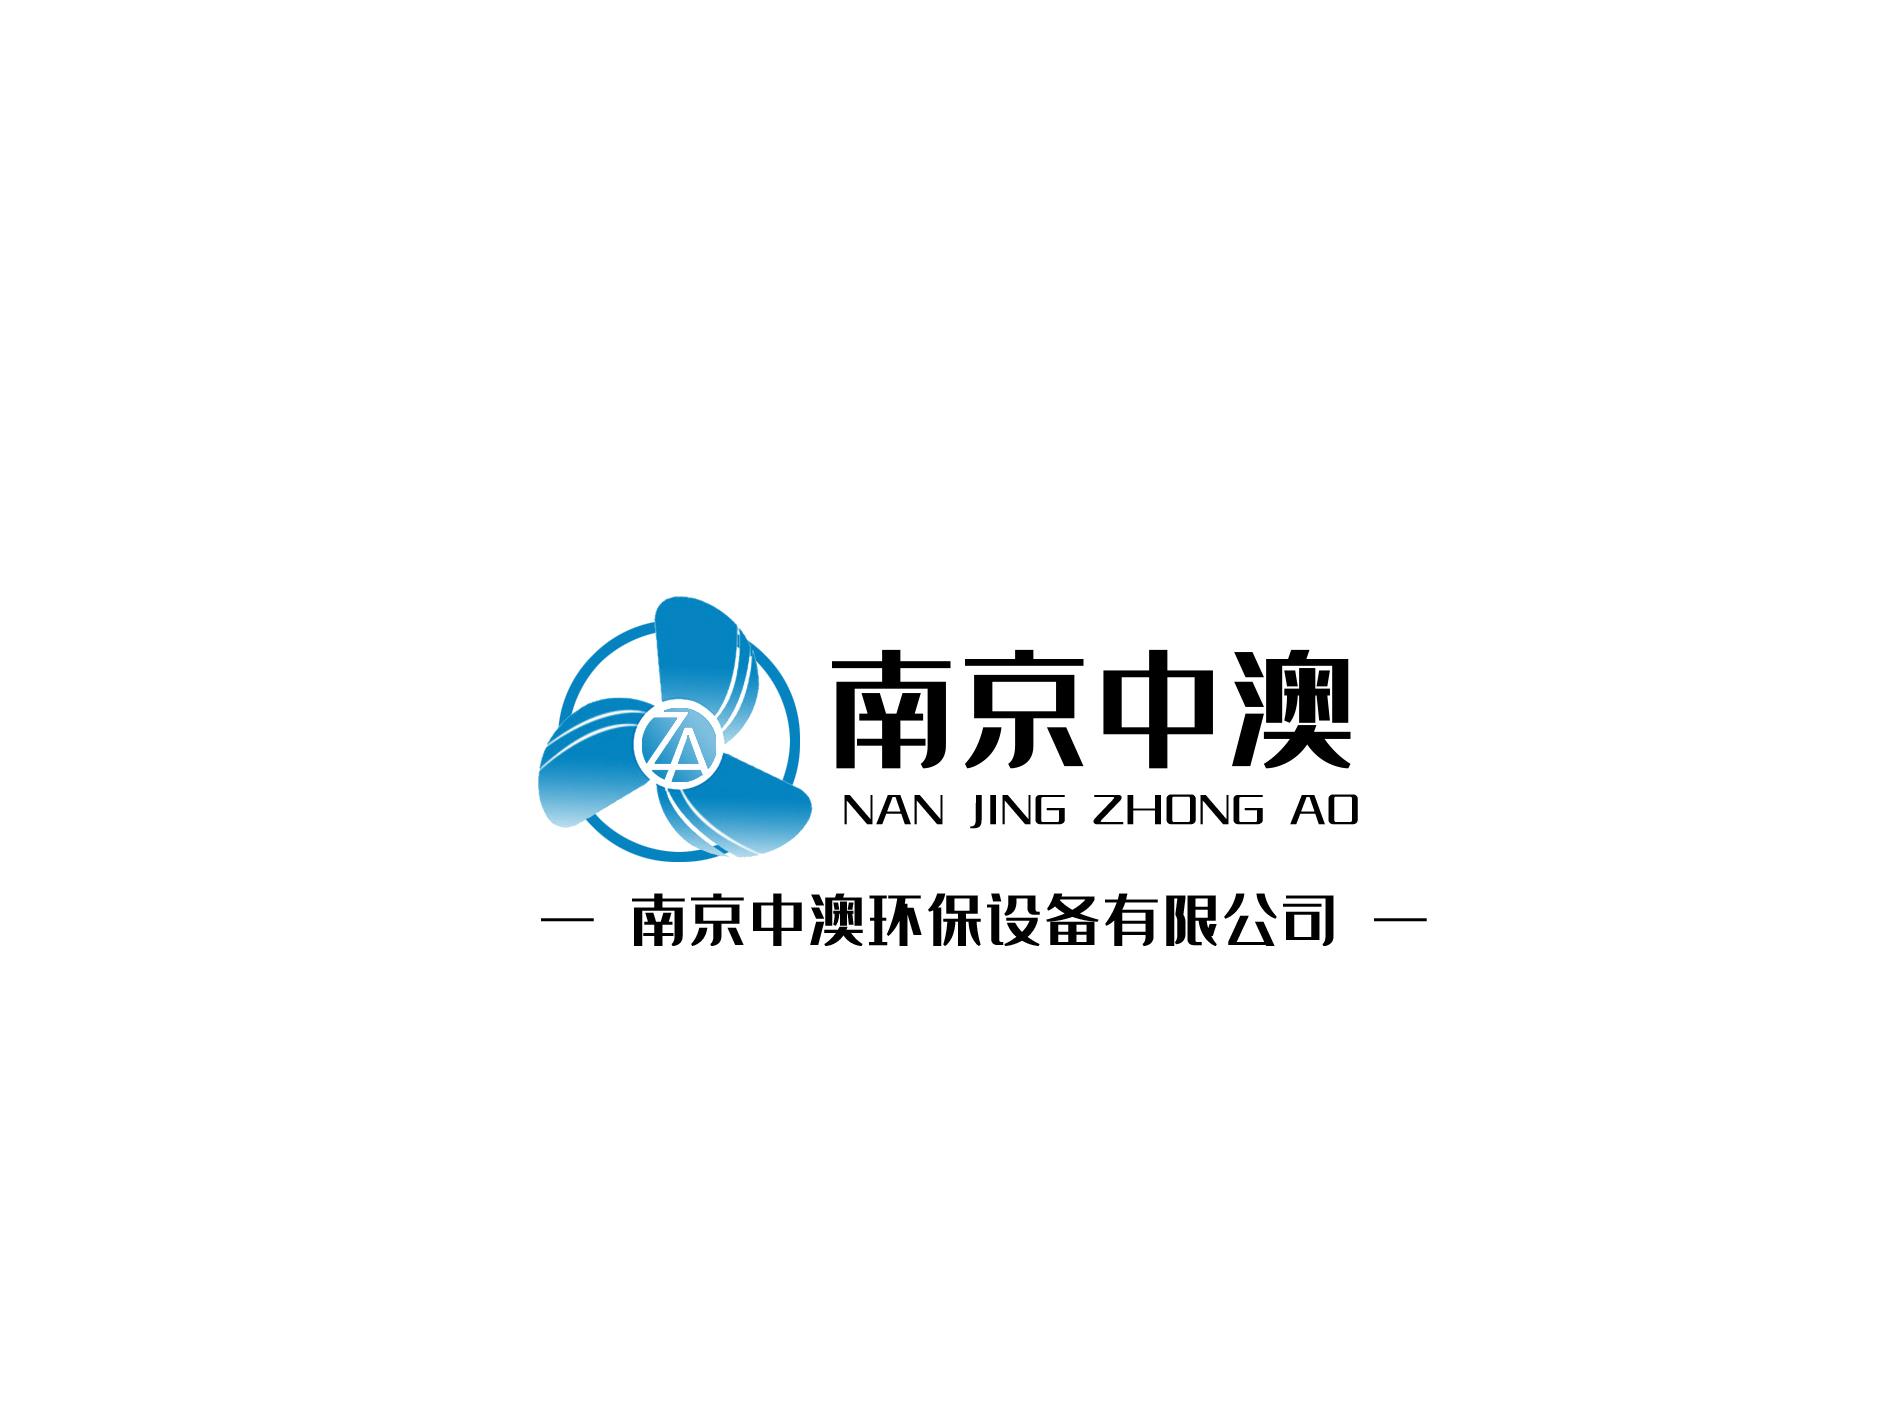 南京中澳环保设备有限公司